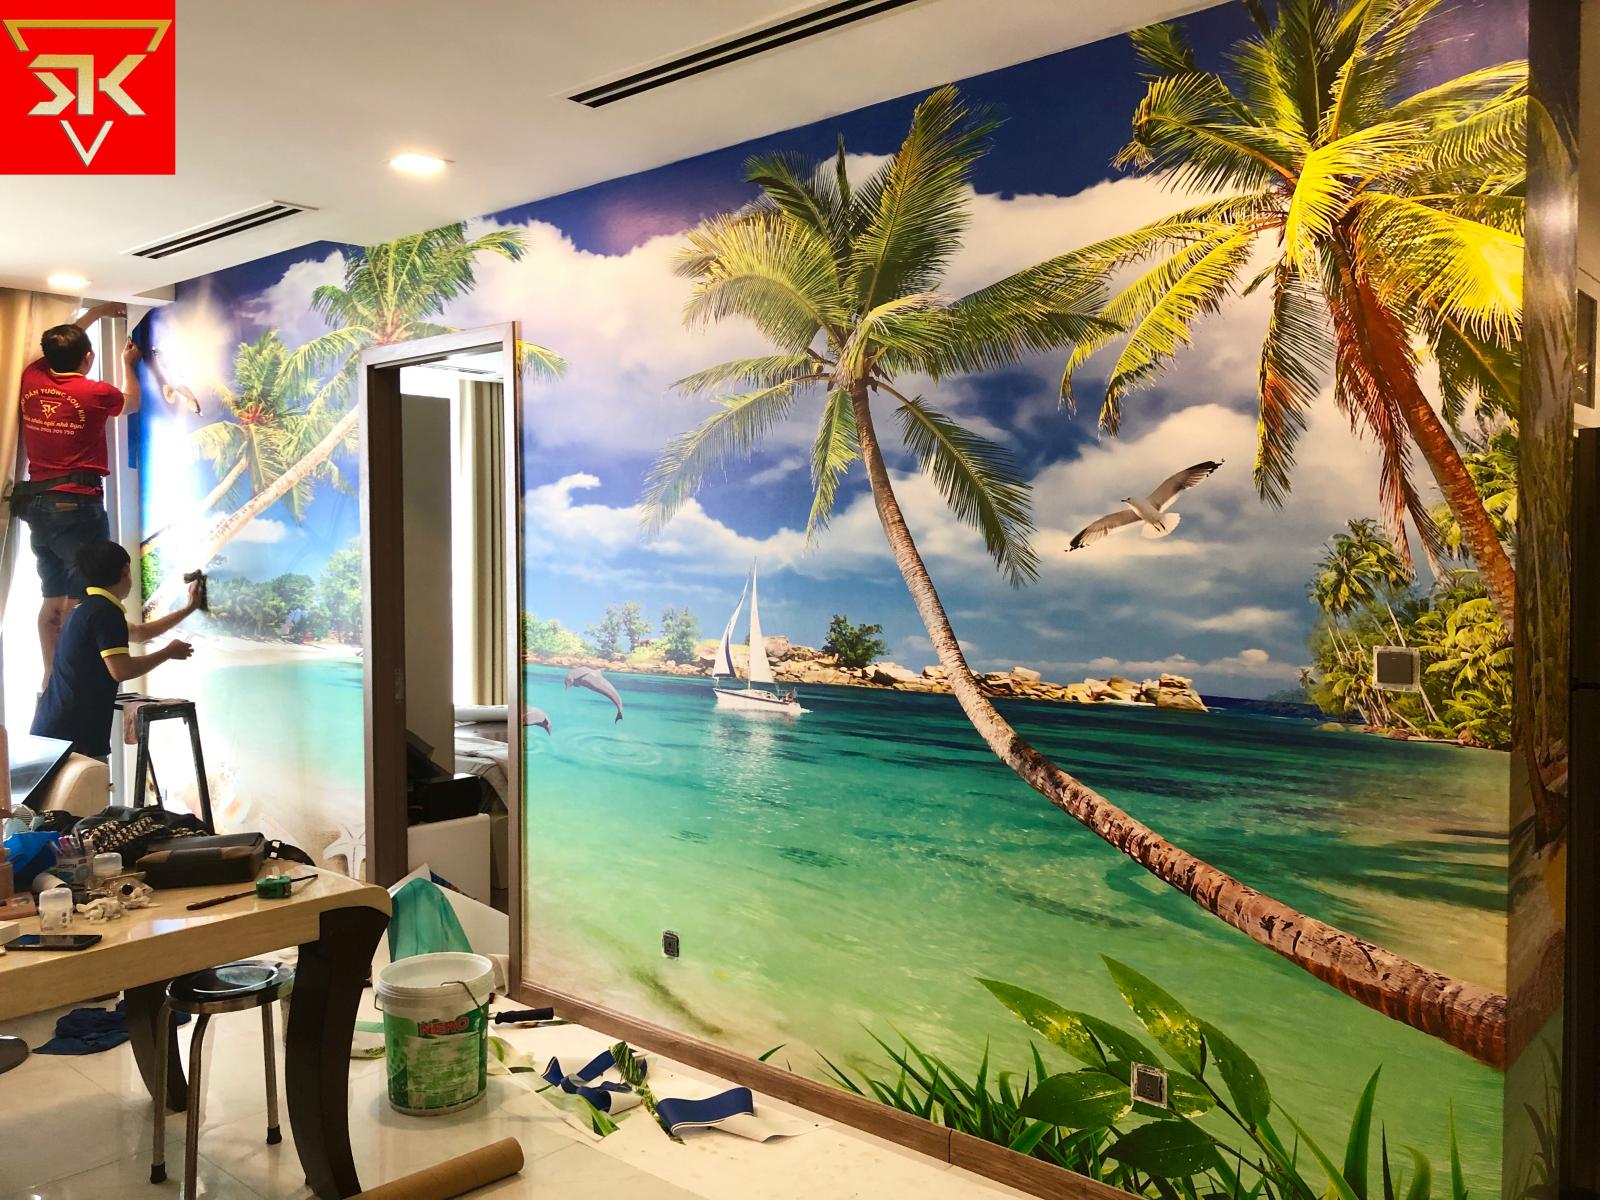 Tranh dán tường phòng ngủ - Xu hướng trang trí nội thất mới